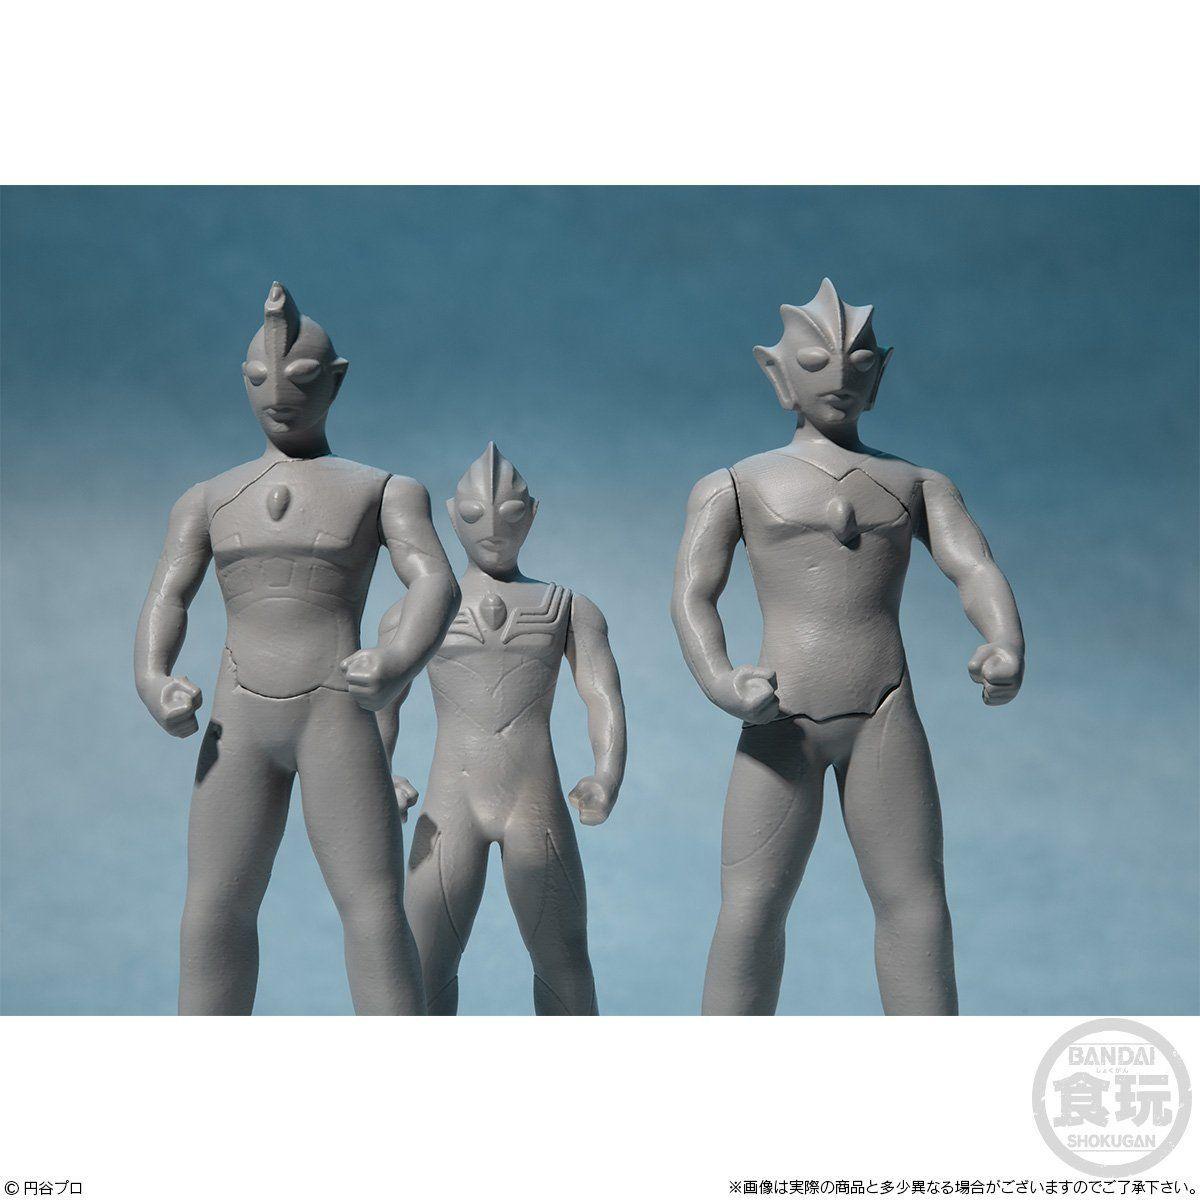 【限定販売】【食玩】超動ウルトラマン『ウルトラマンティガ -光を継ぐもの-』可動フィギュア-007